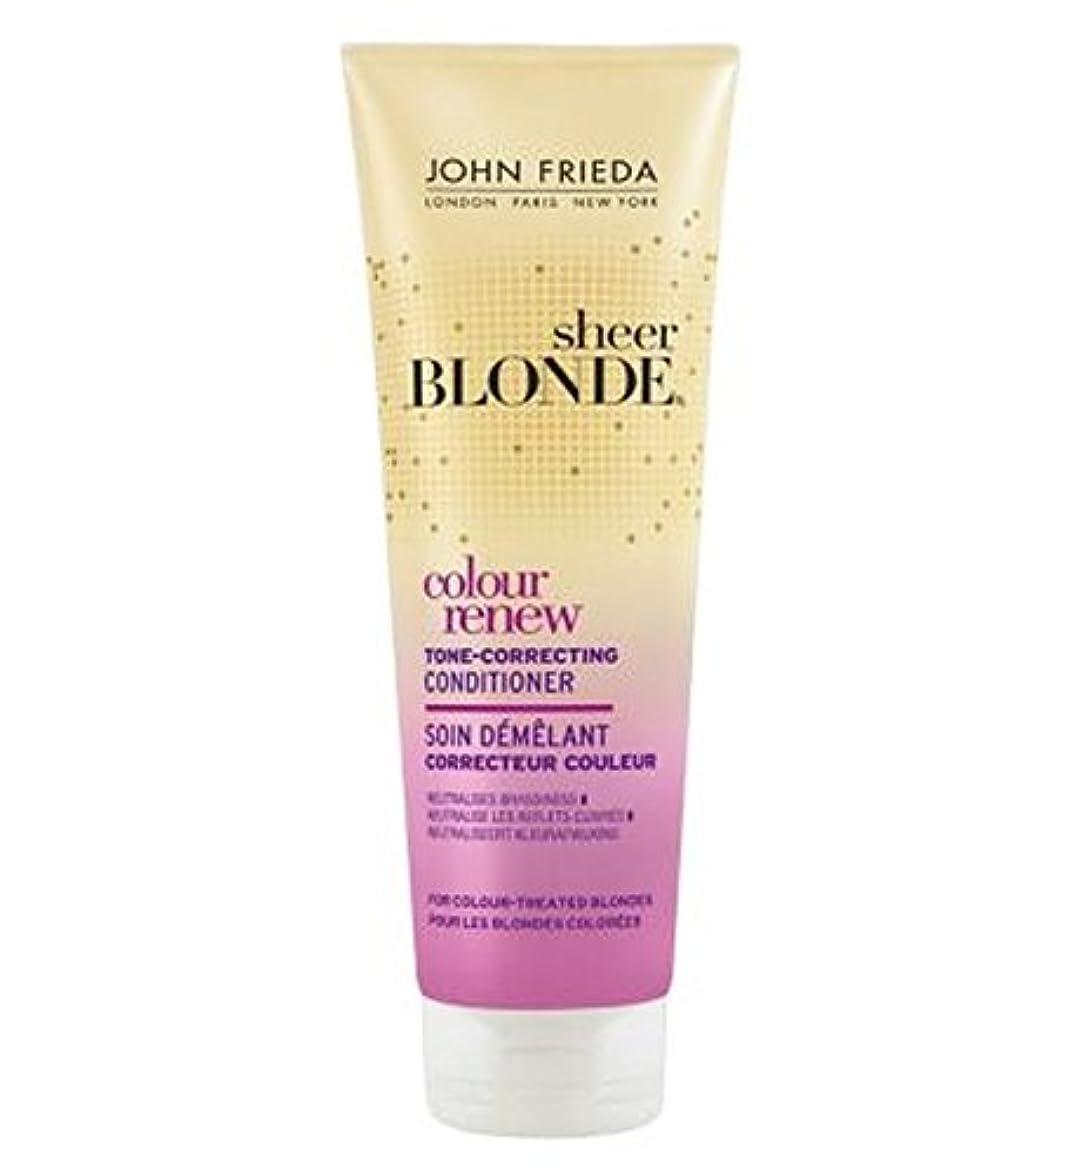 大腿ワインレオナルドダジョン?フリーダ薄手のブロンド色は色調補正コンディショナー250ミリリットルを更新します (John Frieda) (x2) - John Frieda Sheer Blonde Colour Renew Tone Correcting...